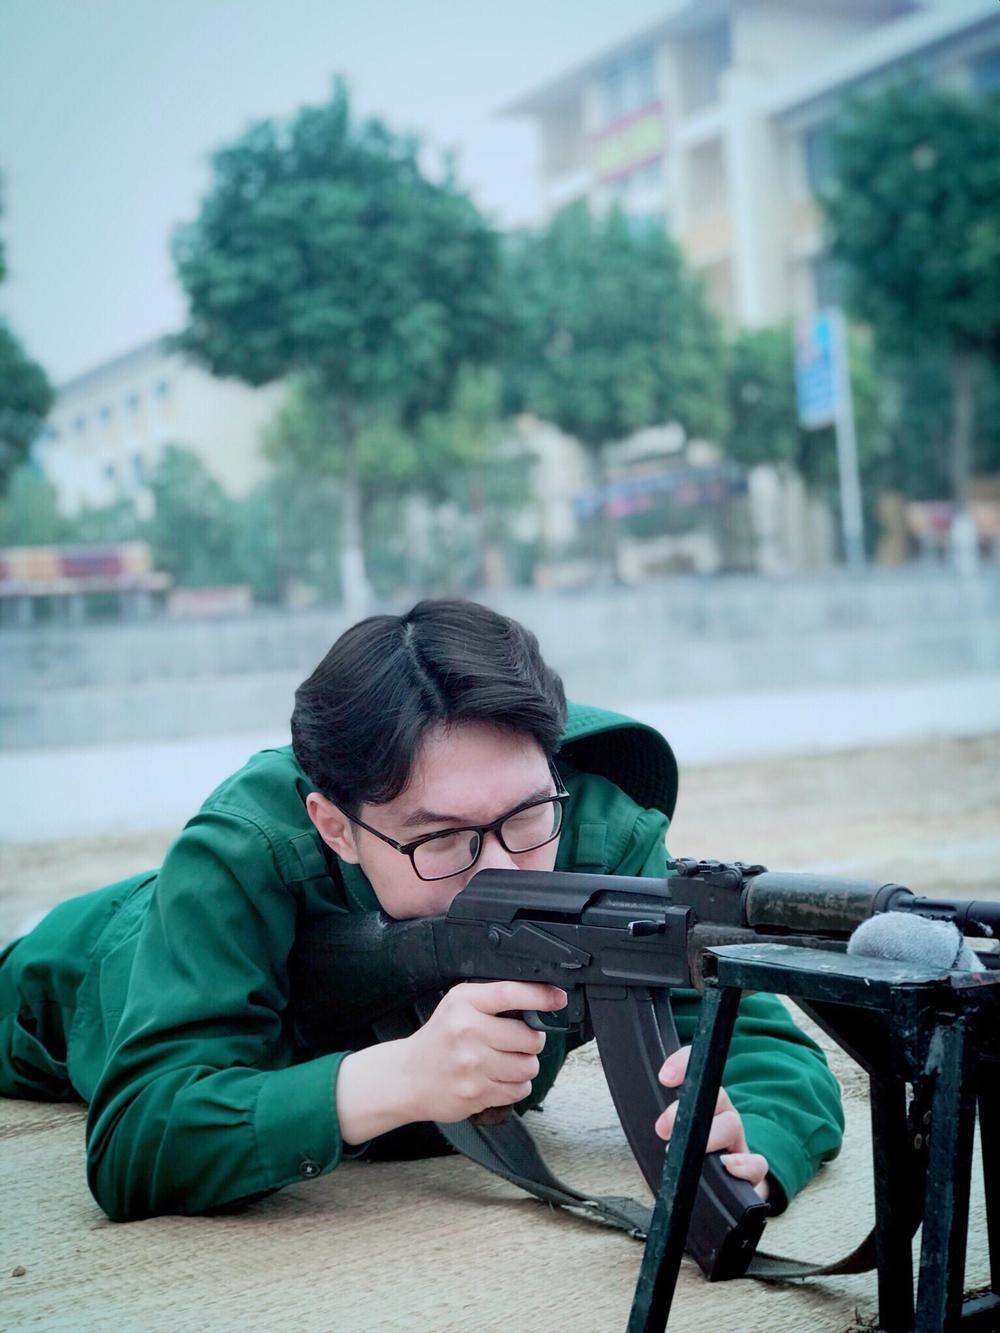 Chiêm ngưỡng dàn 'Trai xinh gái đẹp'- 'Đặc sản' mùa quân sự của Học viện Chính sách và Phát triển Ảnh 11